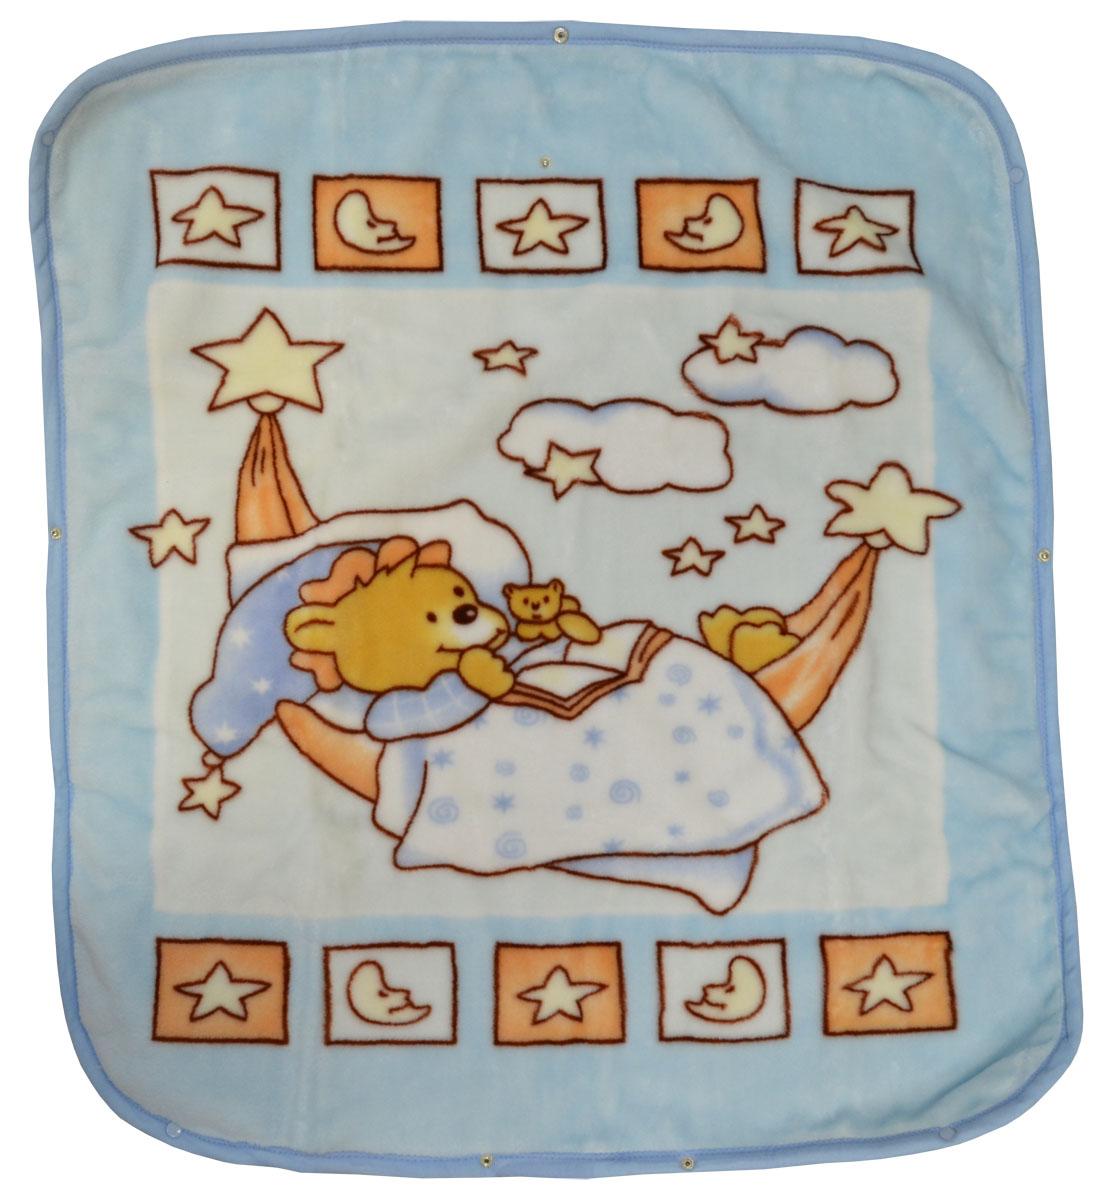 Плед-накидка для младенцев 80Х90 см коралфлис голубойОНДК/300-гол4Защита, тепло и комфорт для малышей - использован надёжный, качественный и мягкий материал! Удобство и спокойствие для родителей обеспечивается универсальностью пледа-накидки, конструкция которого позволяет ему легко превращаться в конвертик. Отличное качество и практичность! Любите своего ребёнка и дарите ему лучшее!